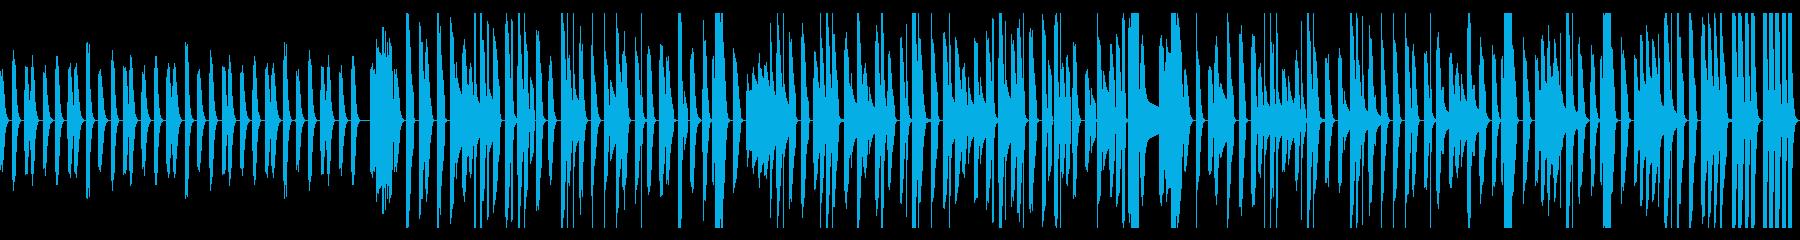 ピタゴラスイッチ風のボサノバピアノの再生済みの波形